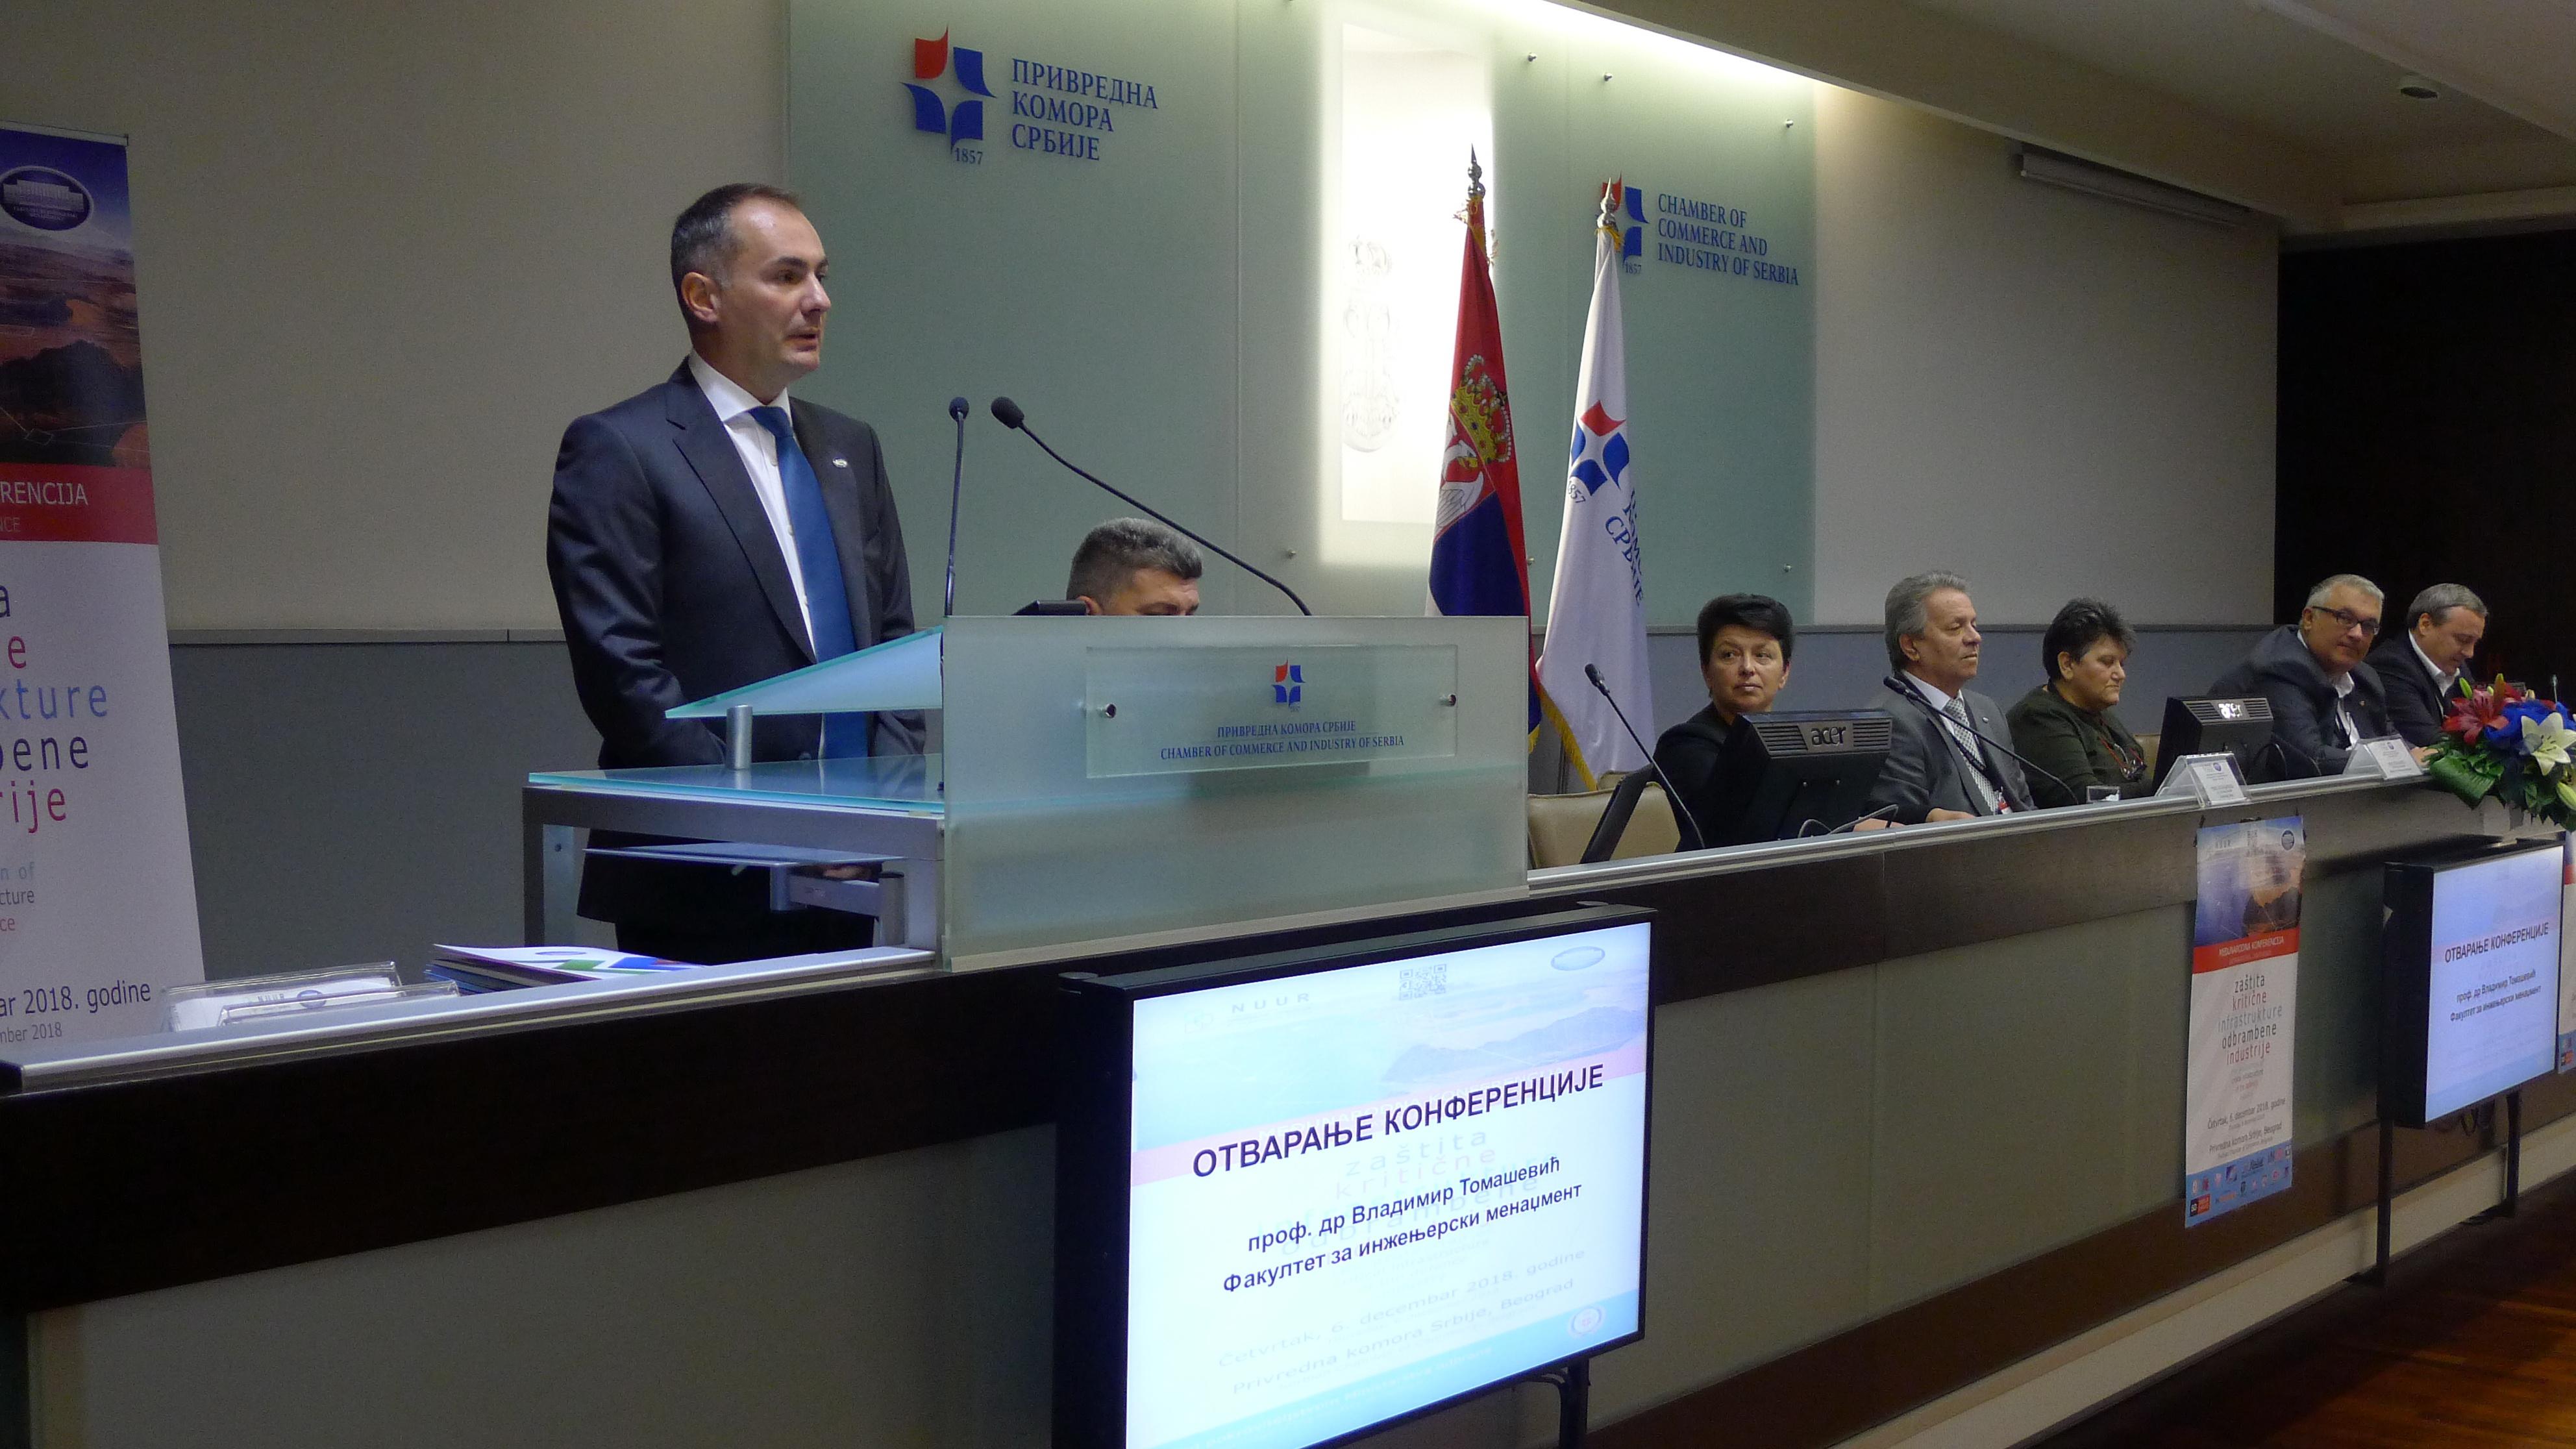 """Konferencija """"Kritična infrastruktura odbrambene industrije"""" u medijima"""